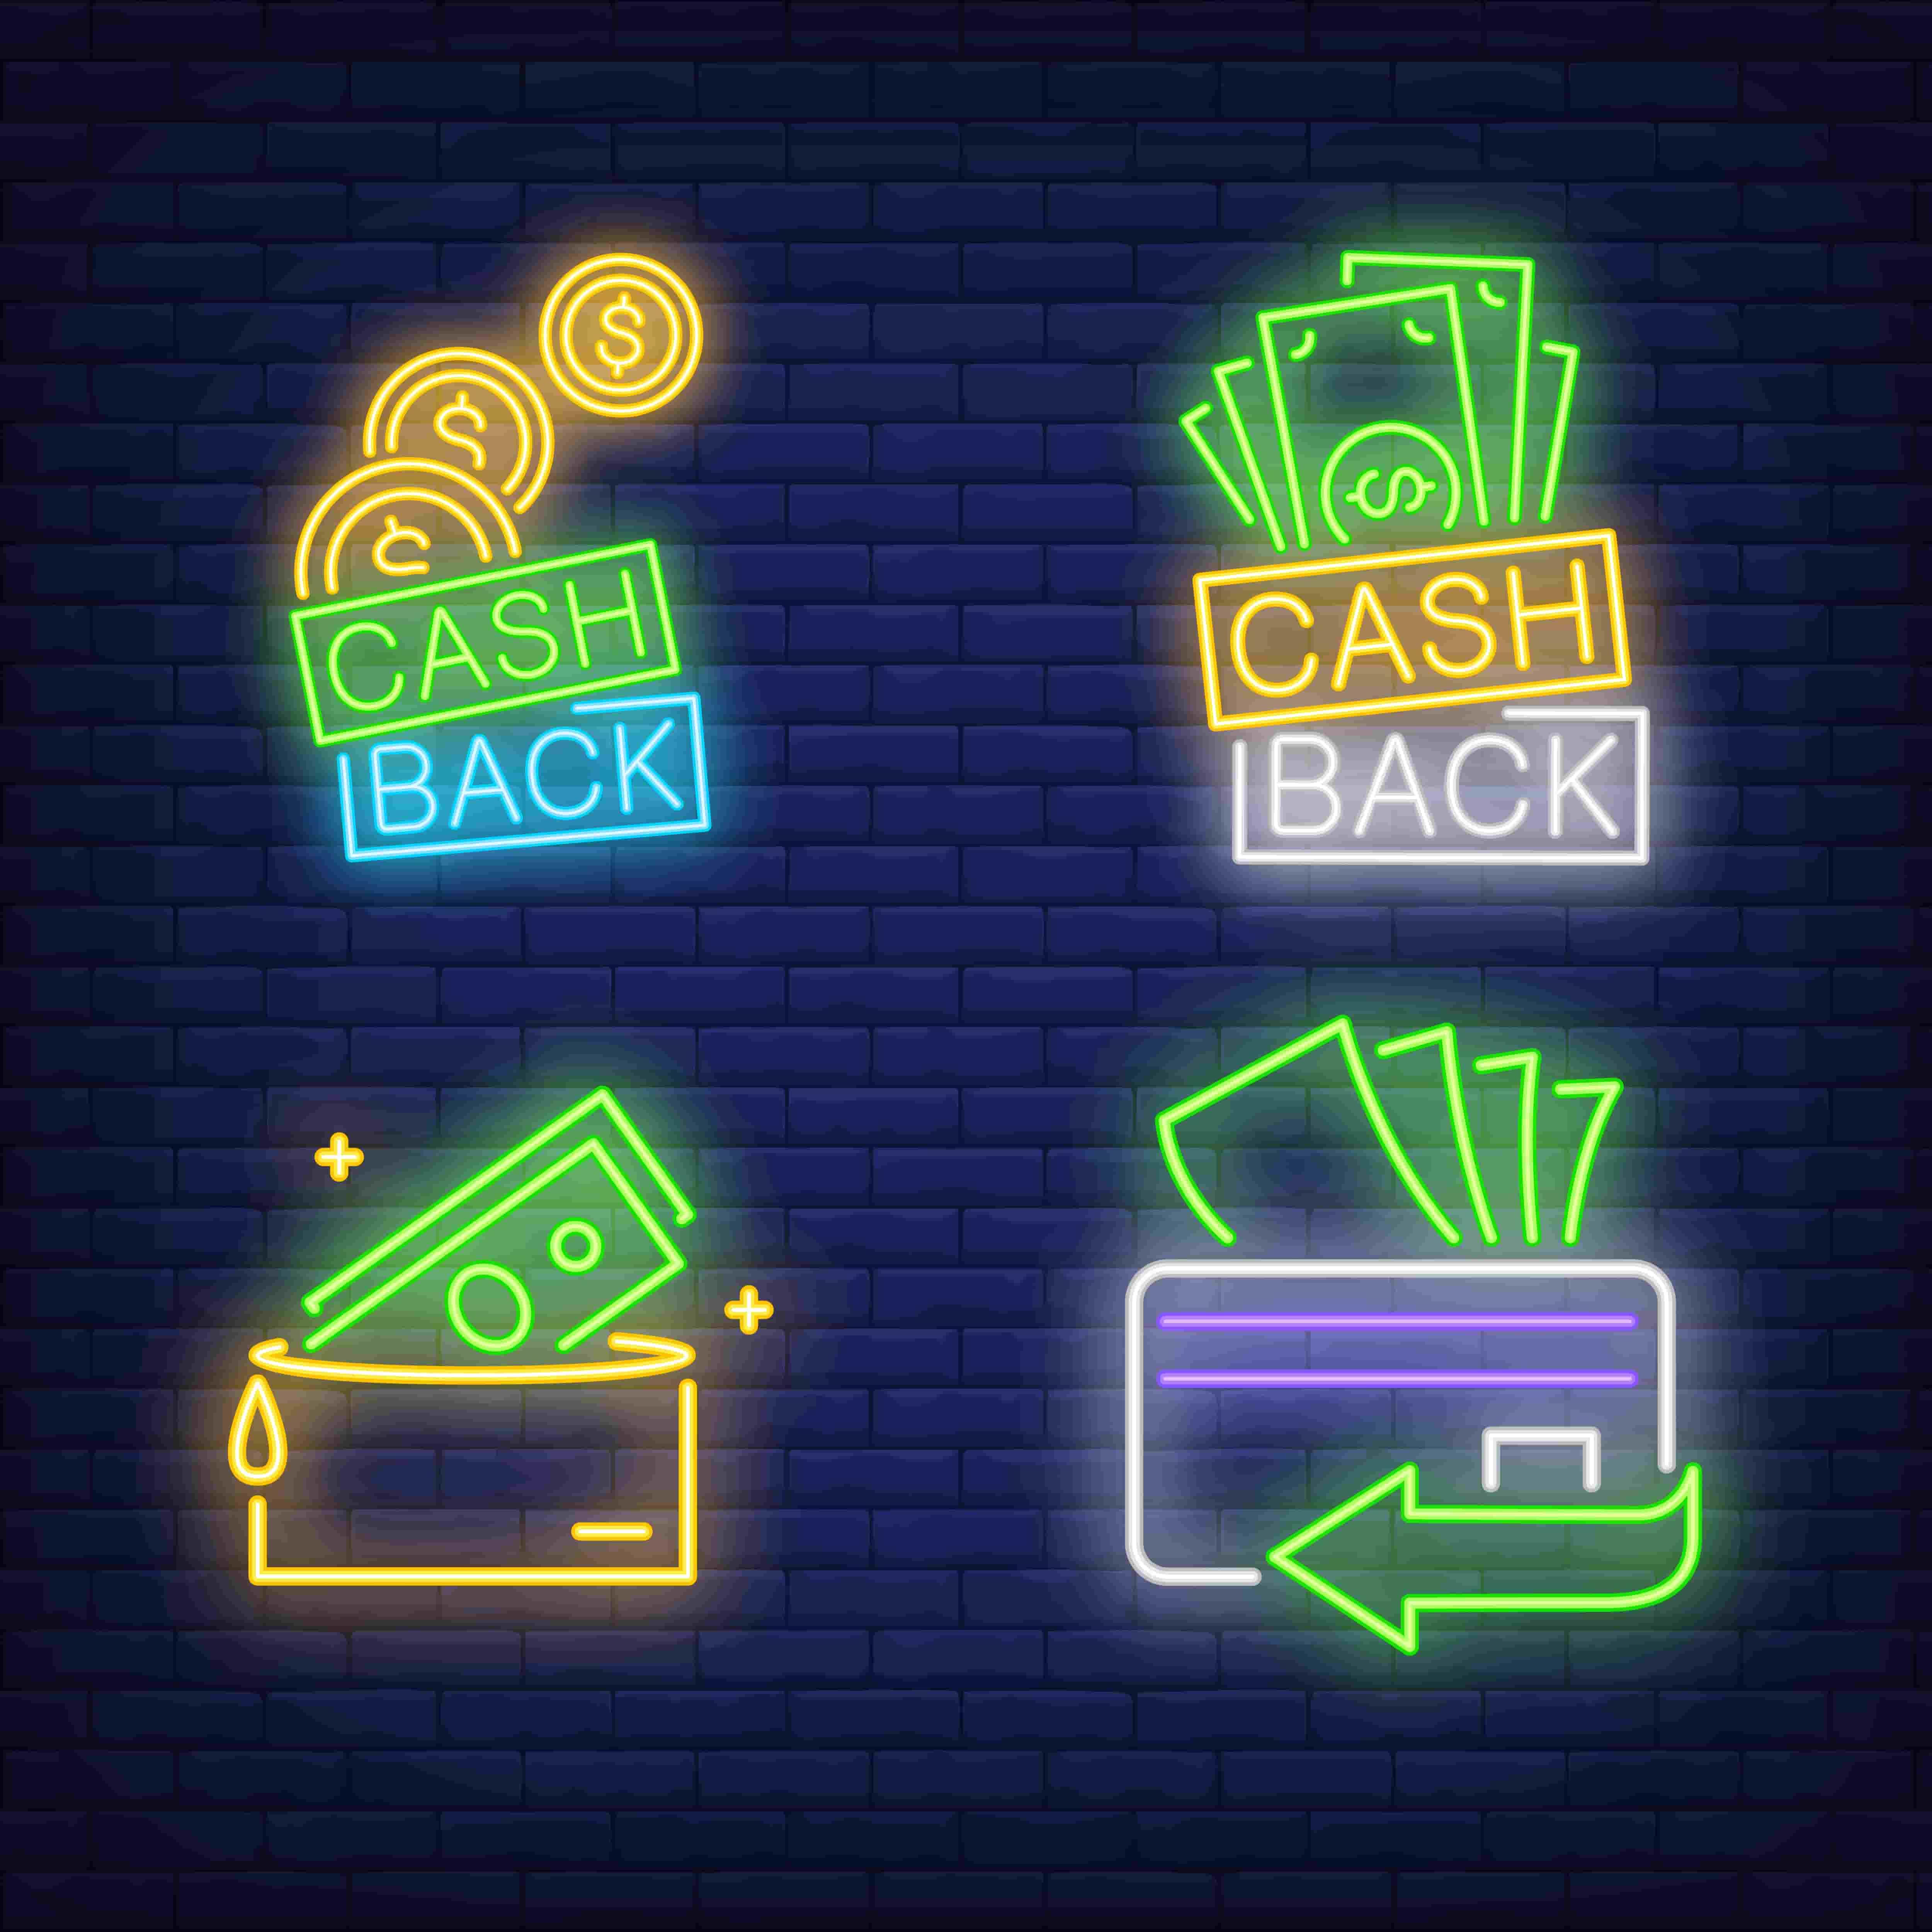 cassino de Cashback